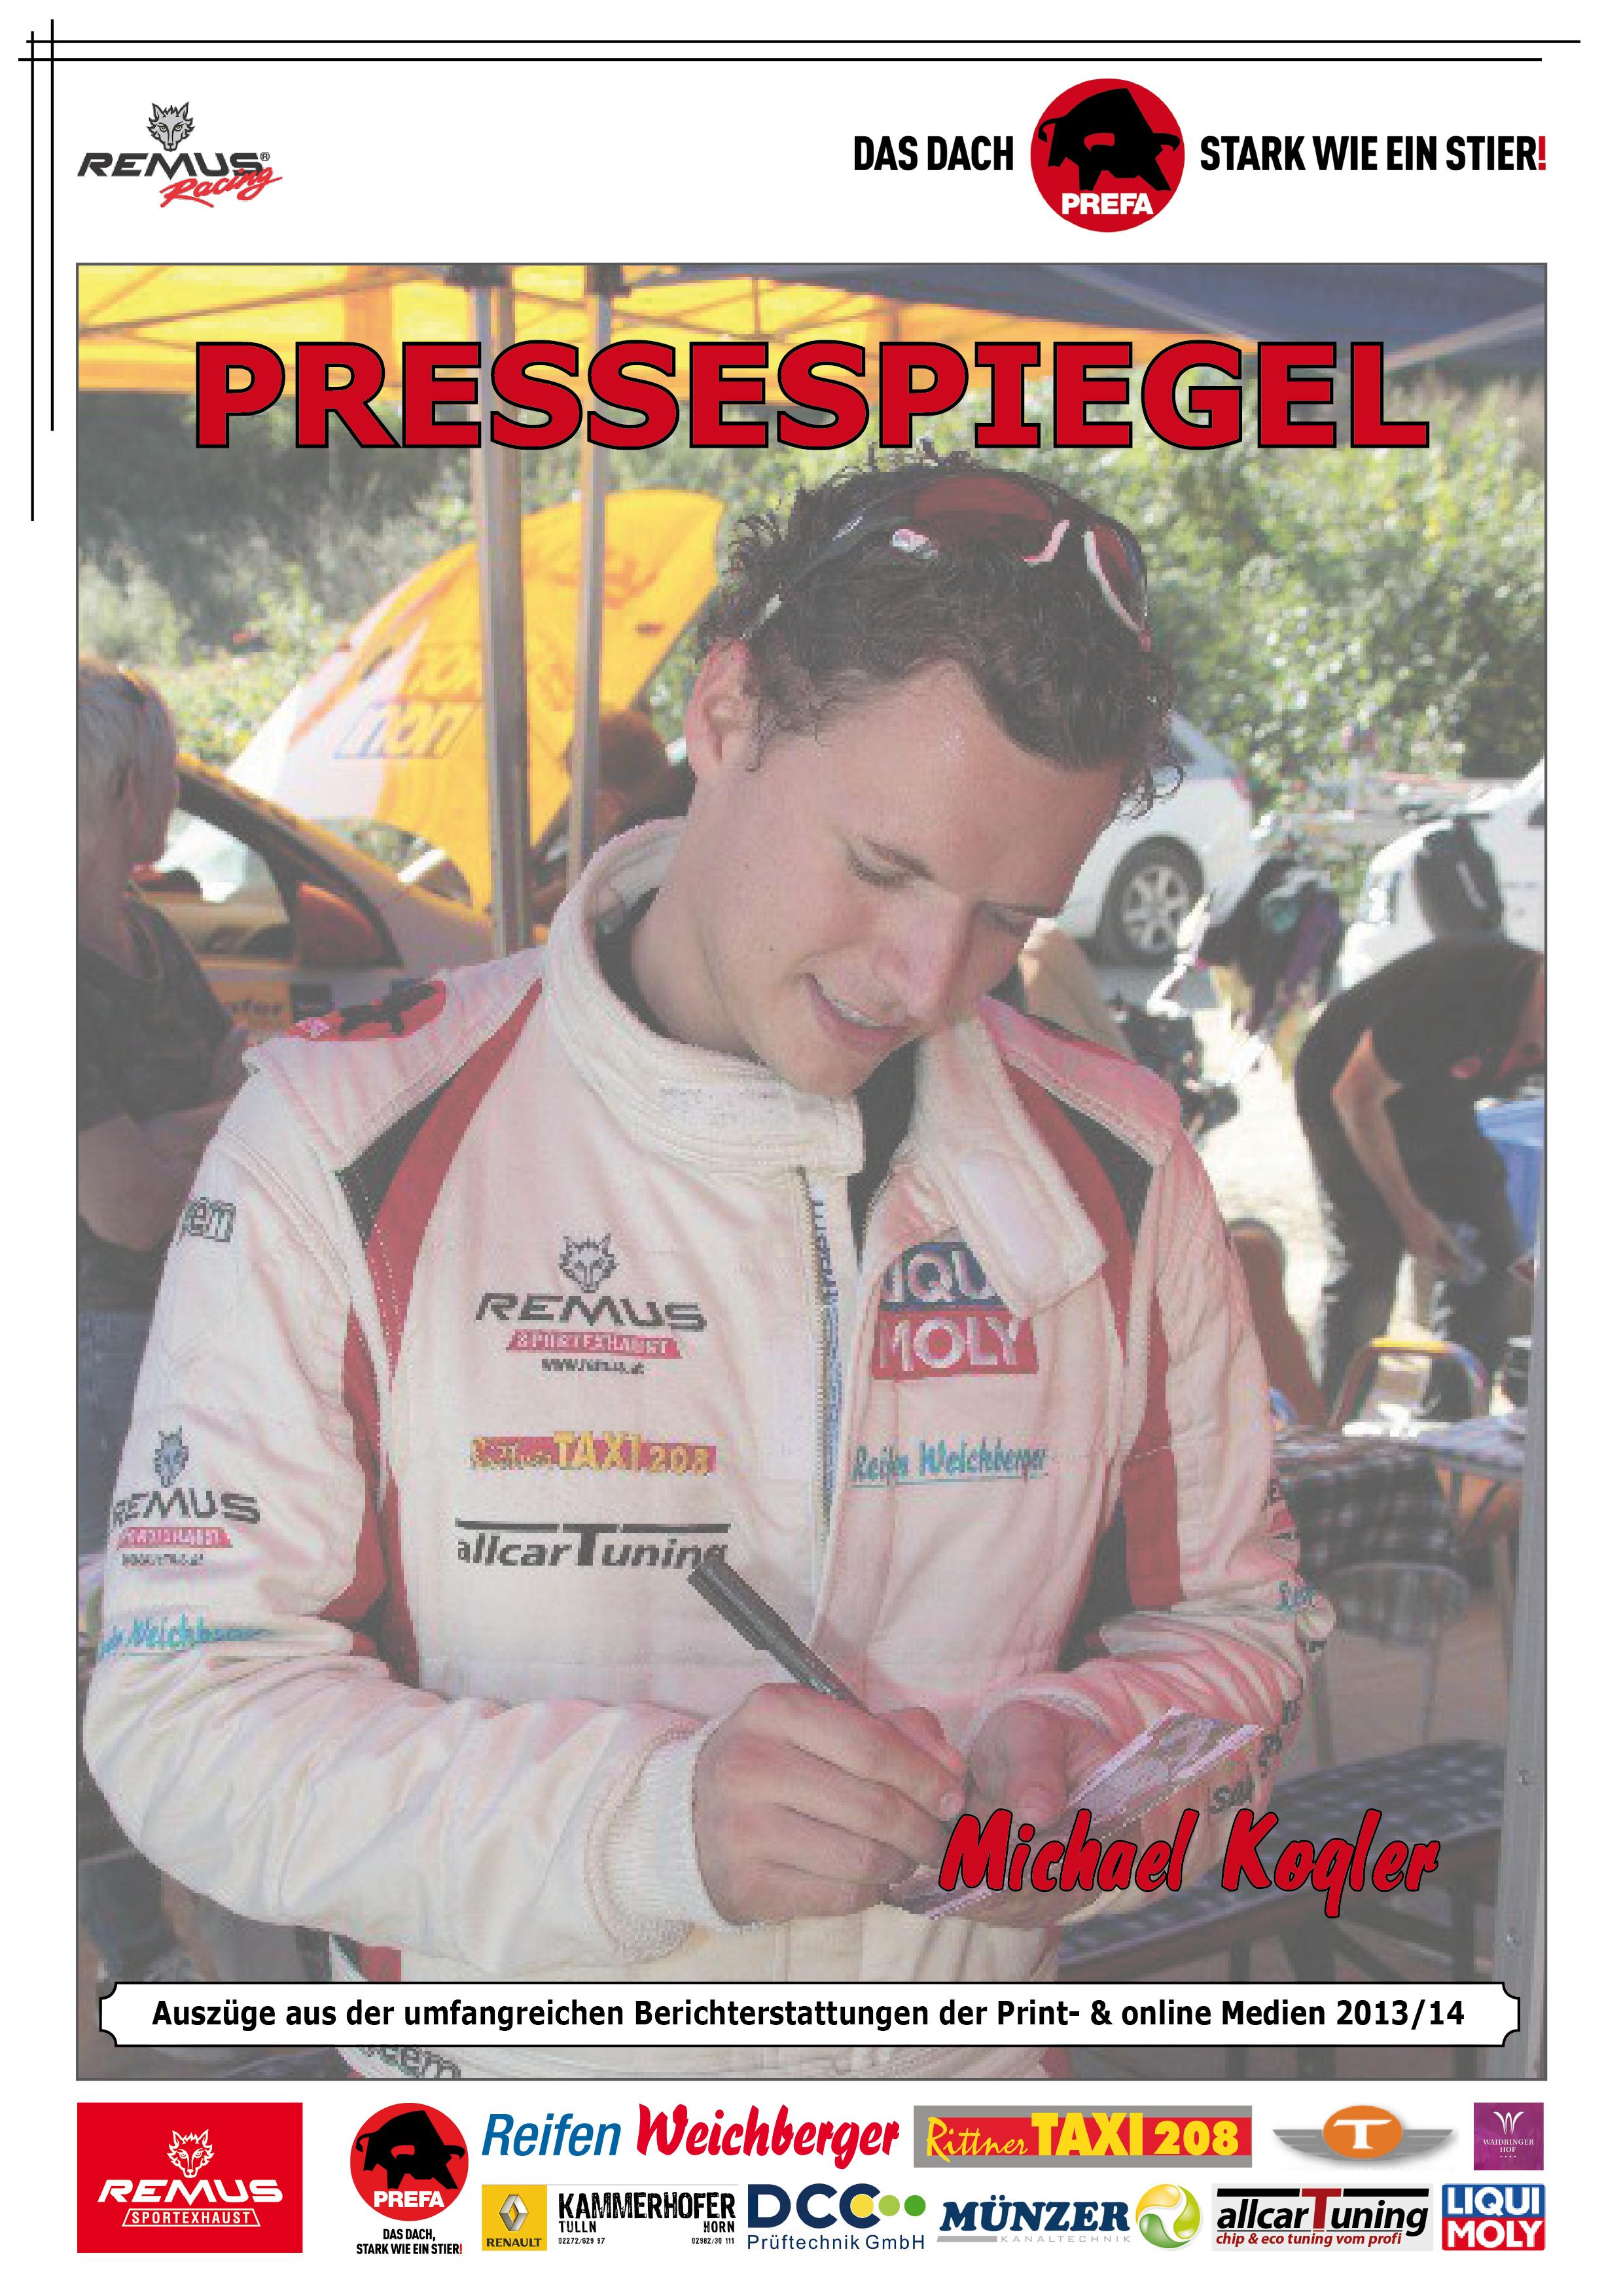 Pressespiegel-Kogler-Racing-online